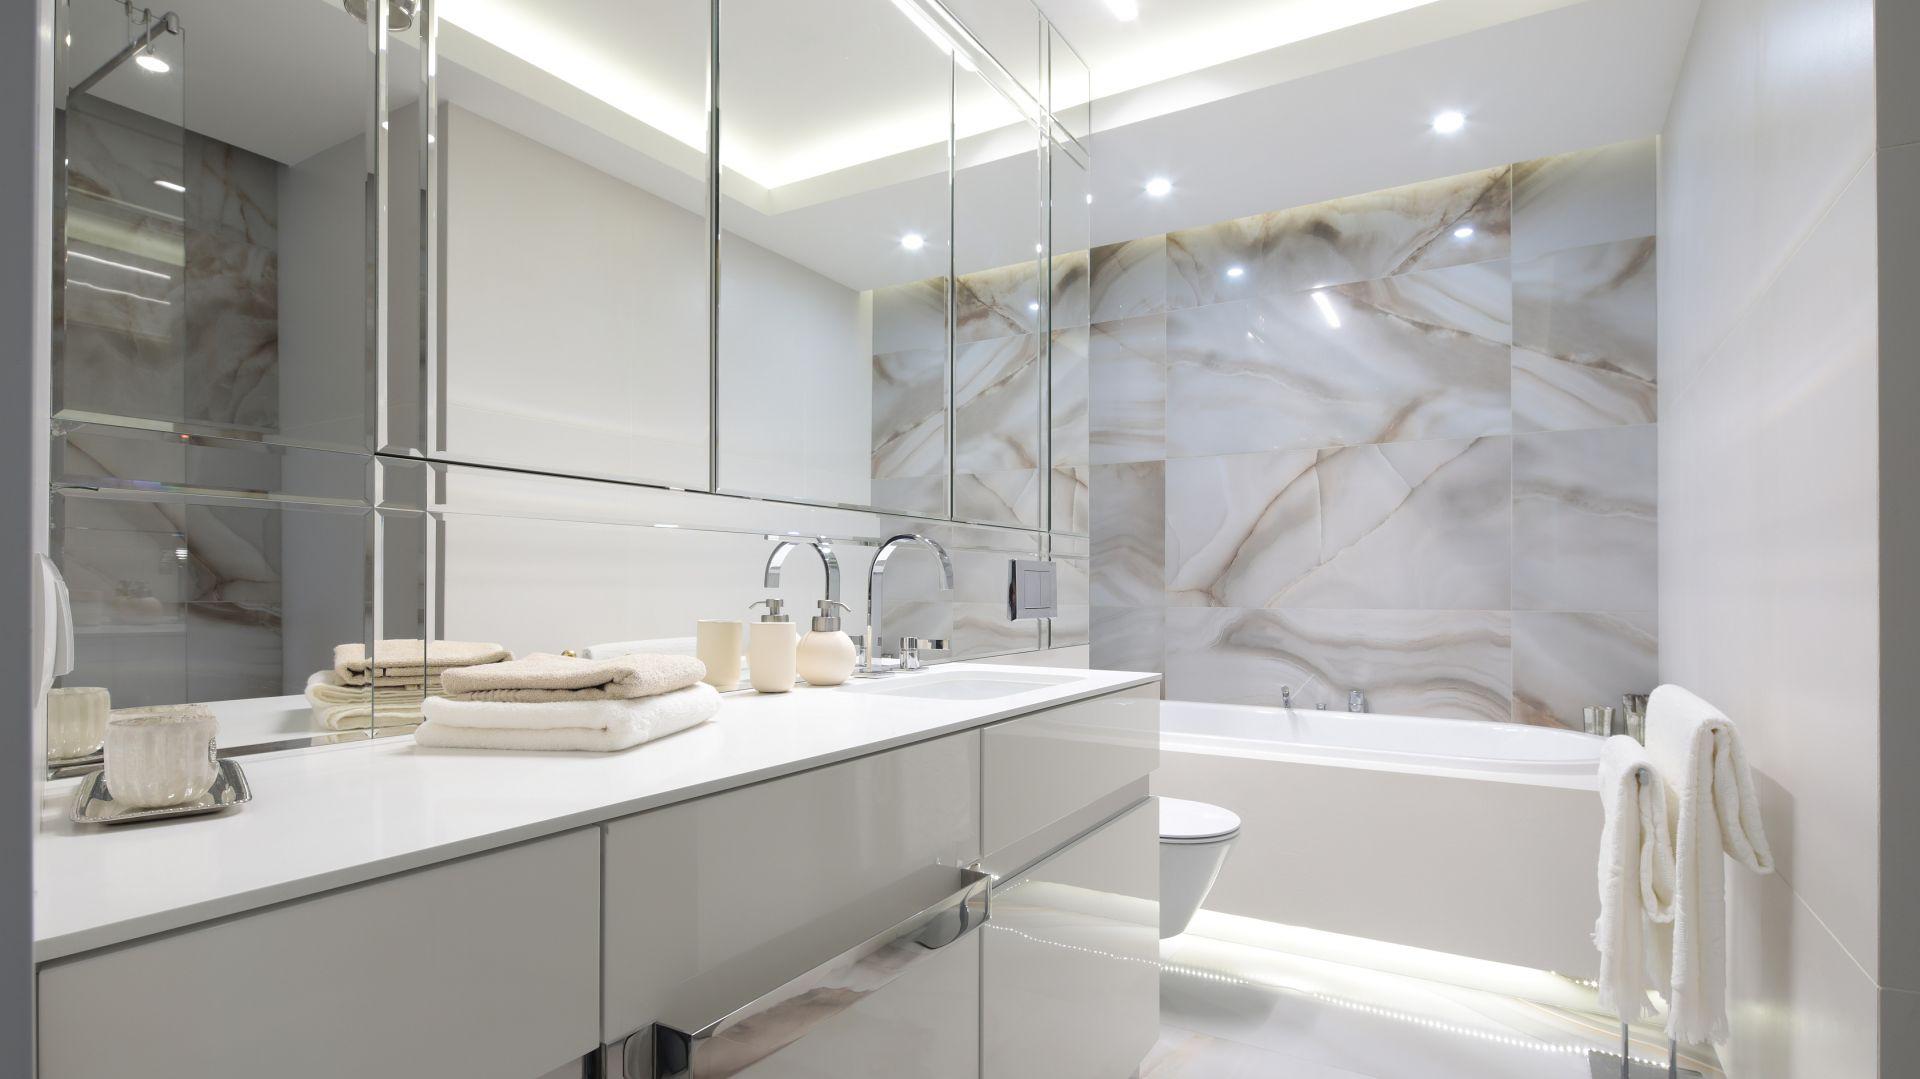 Nowoczesna łazienka - urządzamy strefę umywalki. Projekt: Agnieszka Zaręba, Magdalena Kostrzewa-Świątek. Fot. Bartosz Jarosz